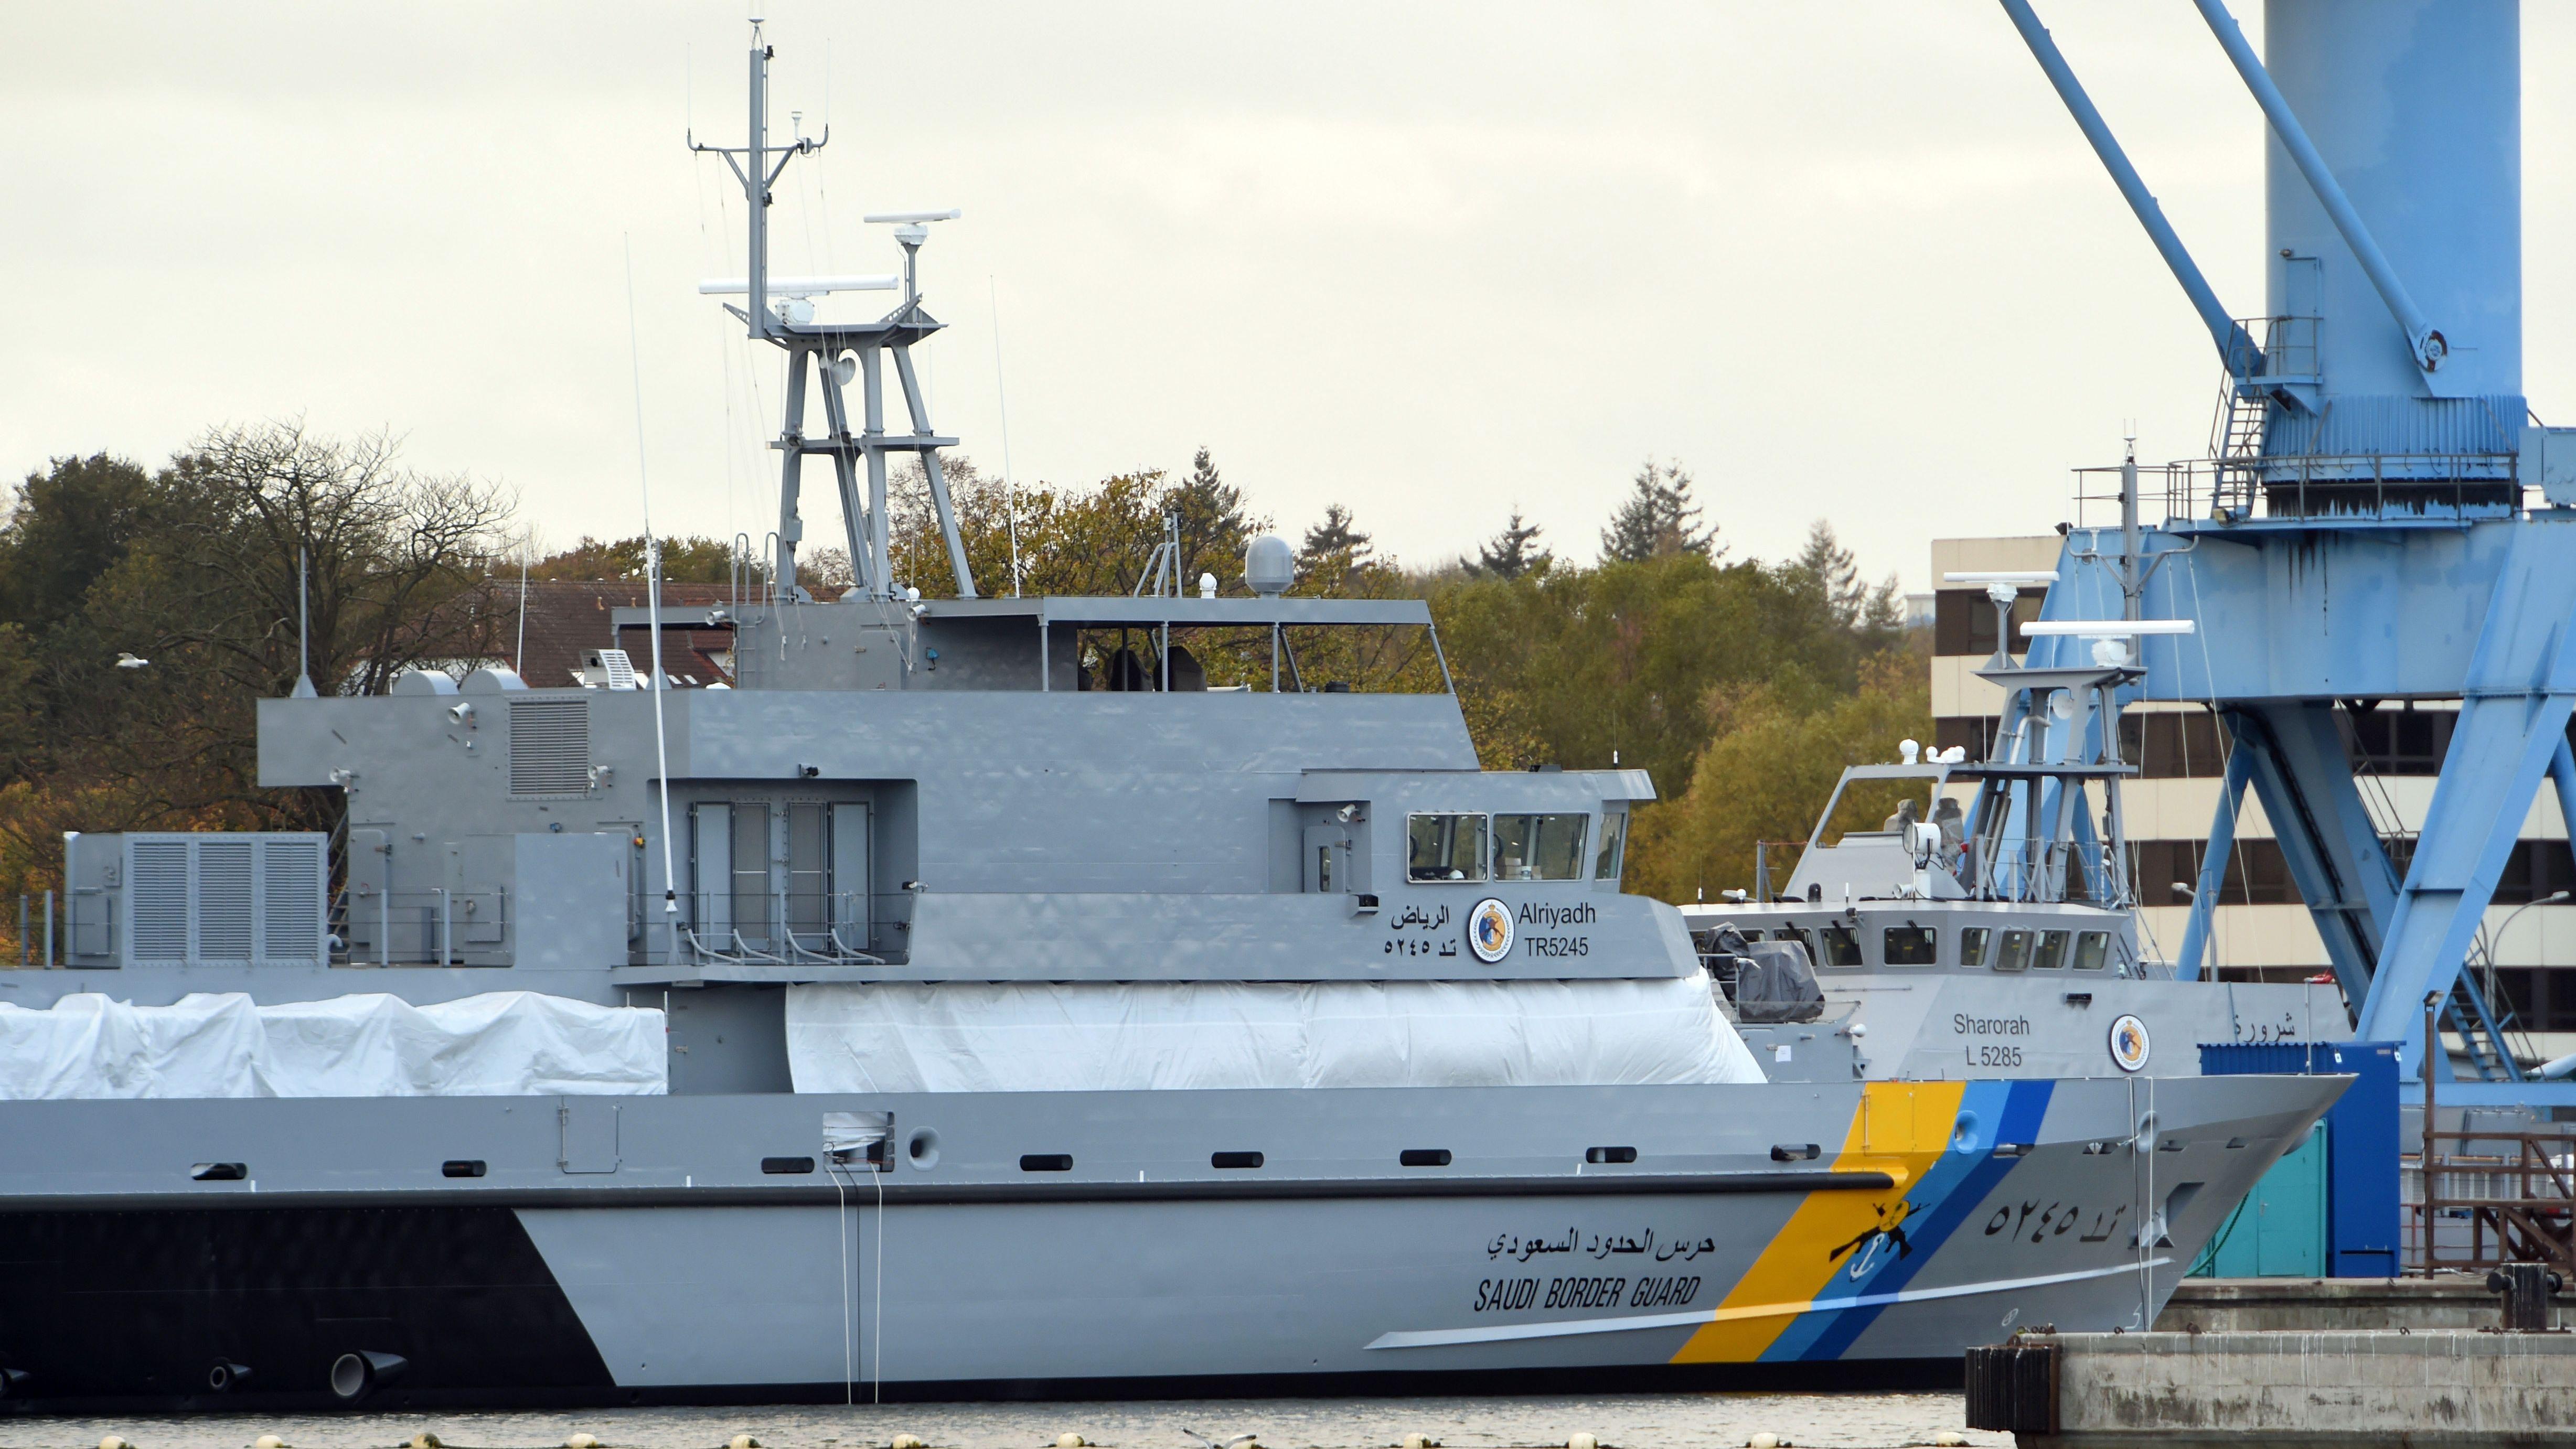 Küstenschutzboot für Saudi-Arabien auf der Peene-Werft, aufgenommen am 25.10.2018